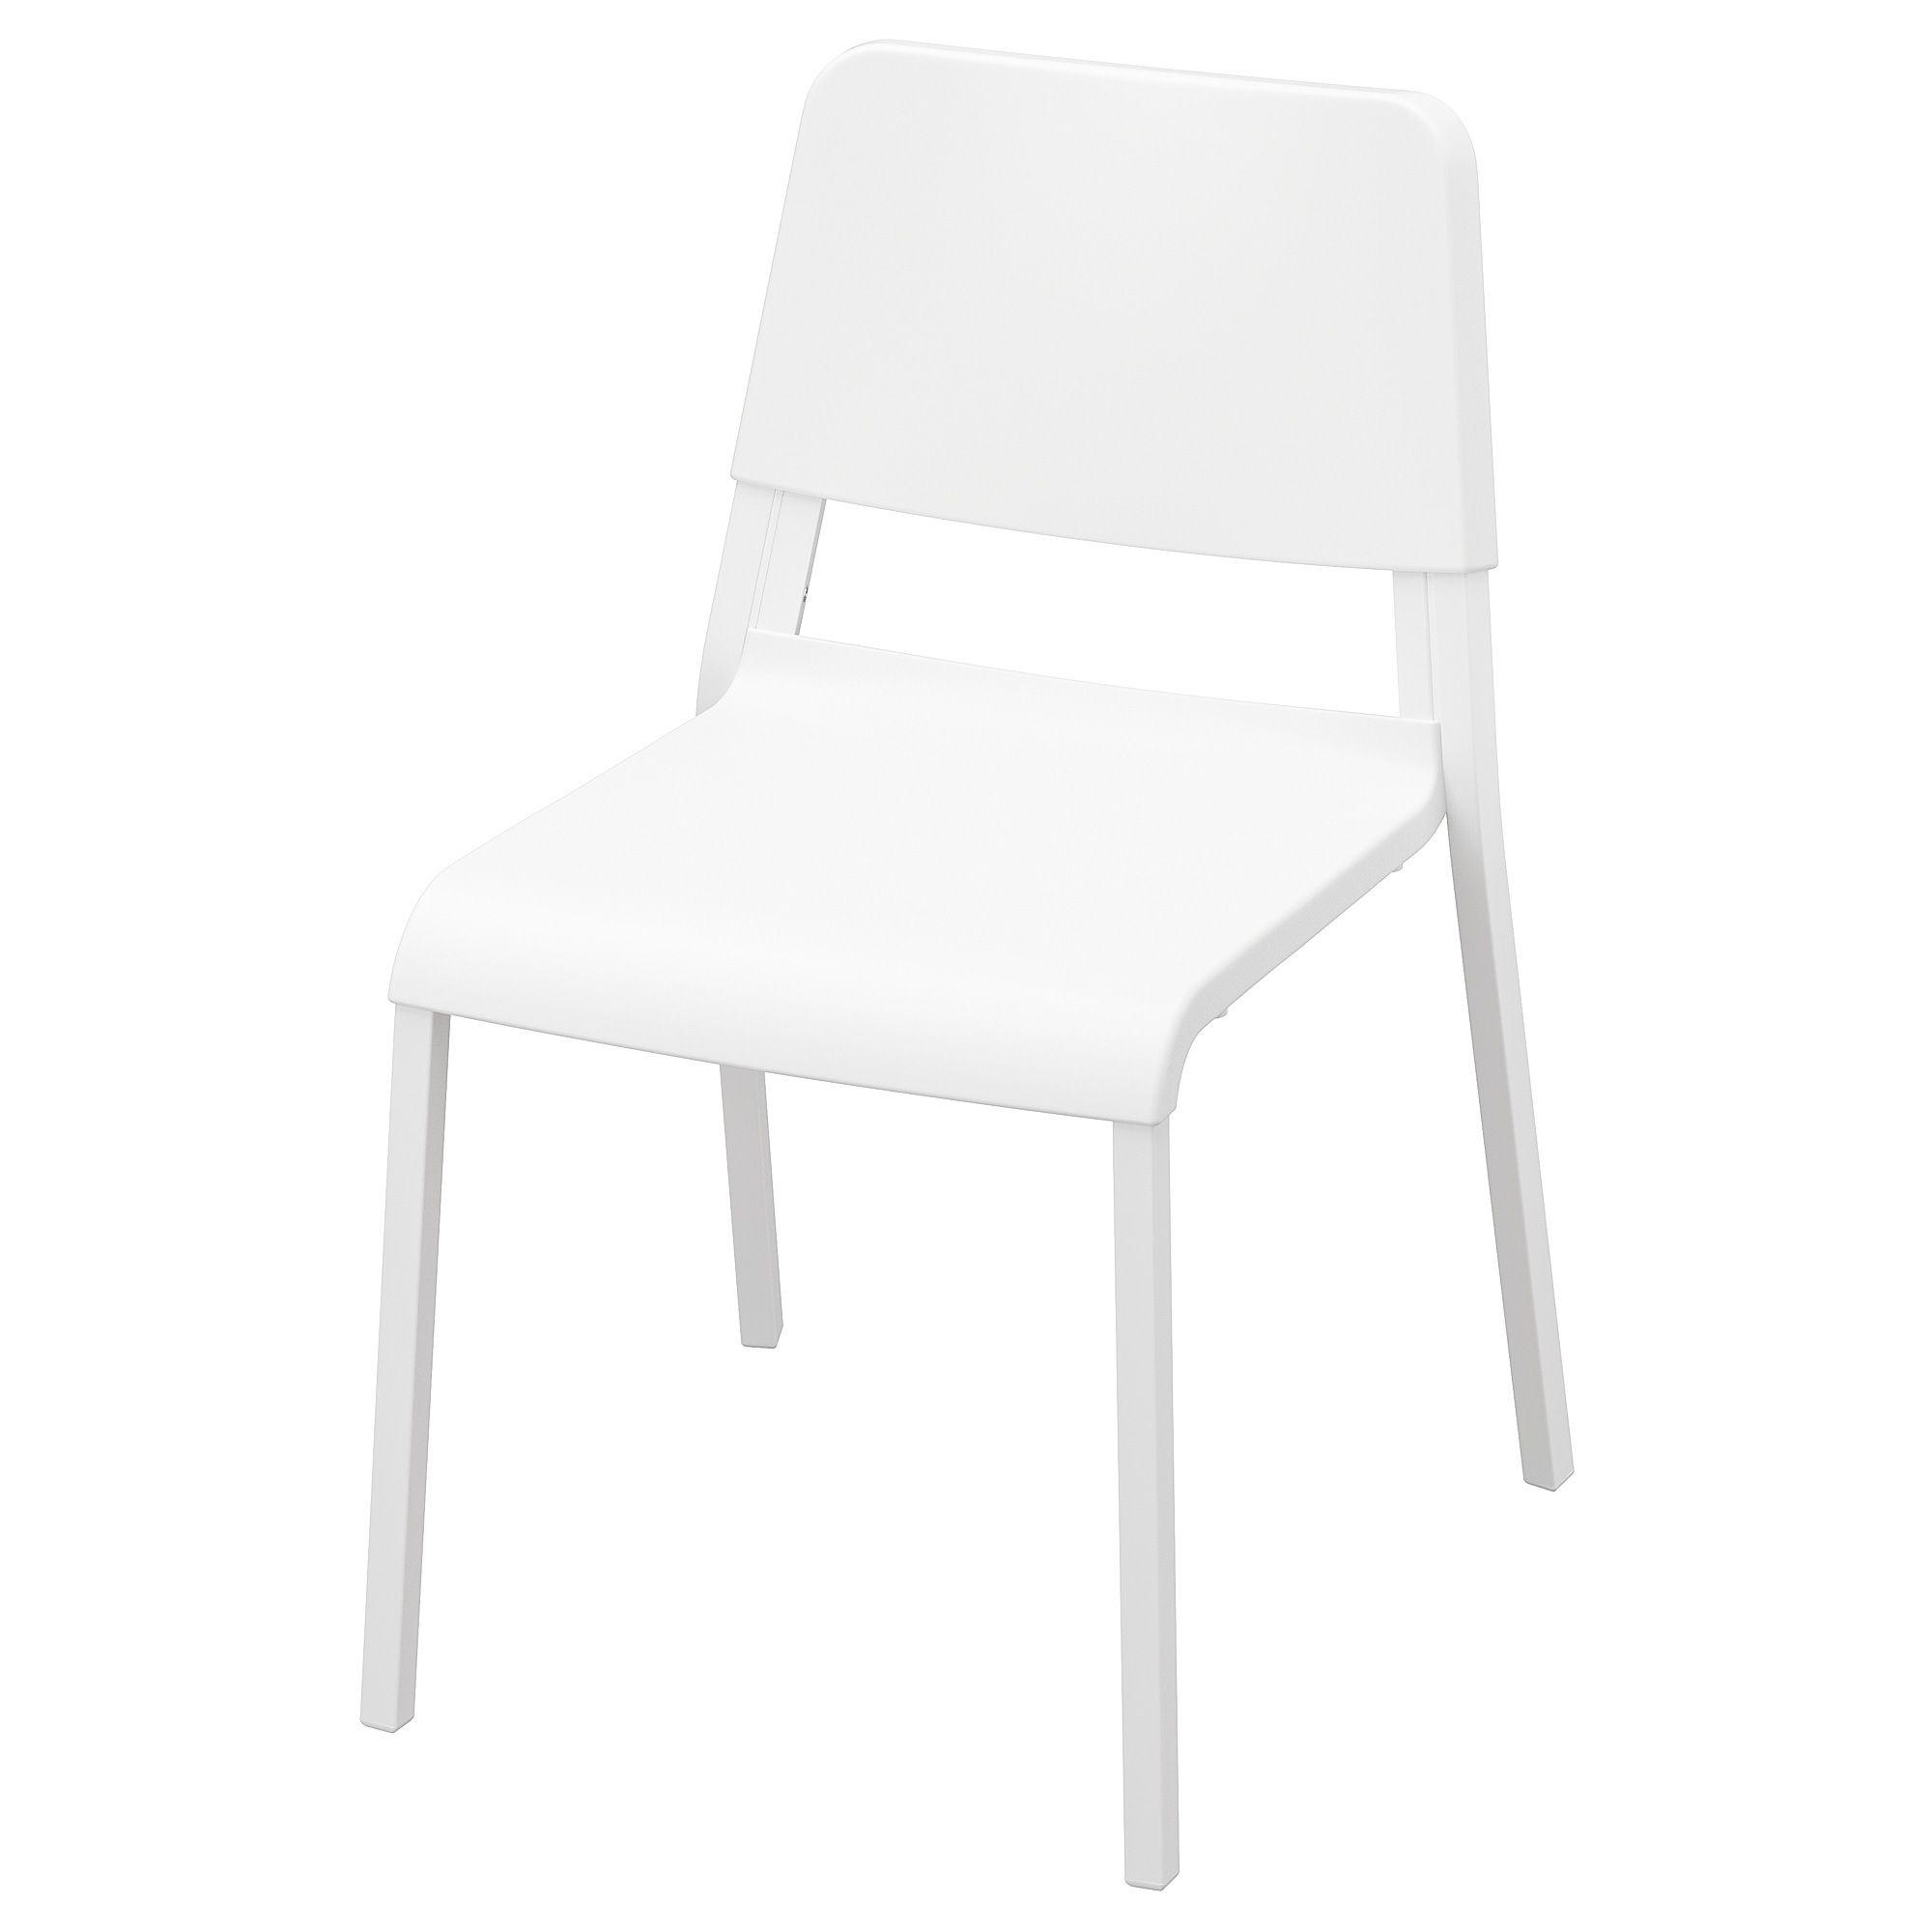 Teodores Stuhl Weiss In 2019 Ikea Stuhl Ikea Esszimmerstuhle Und